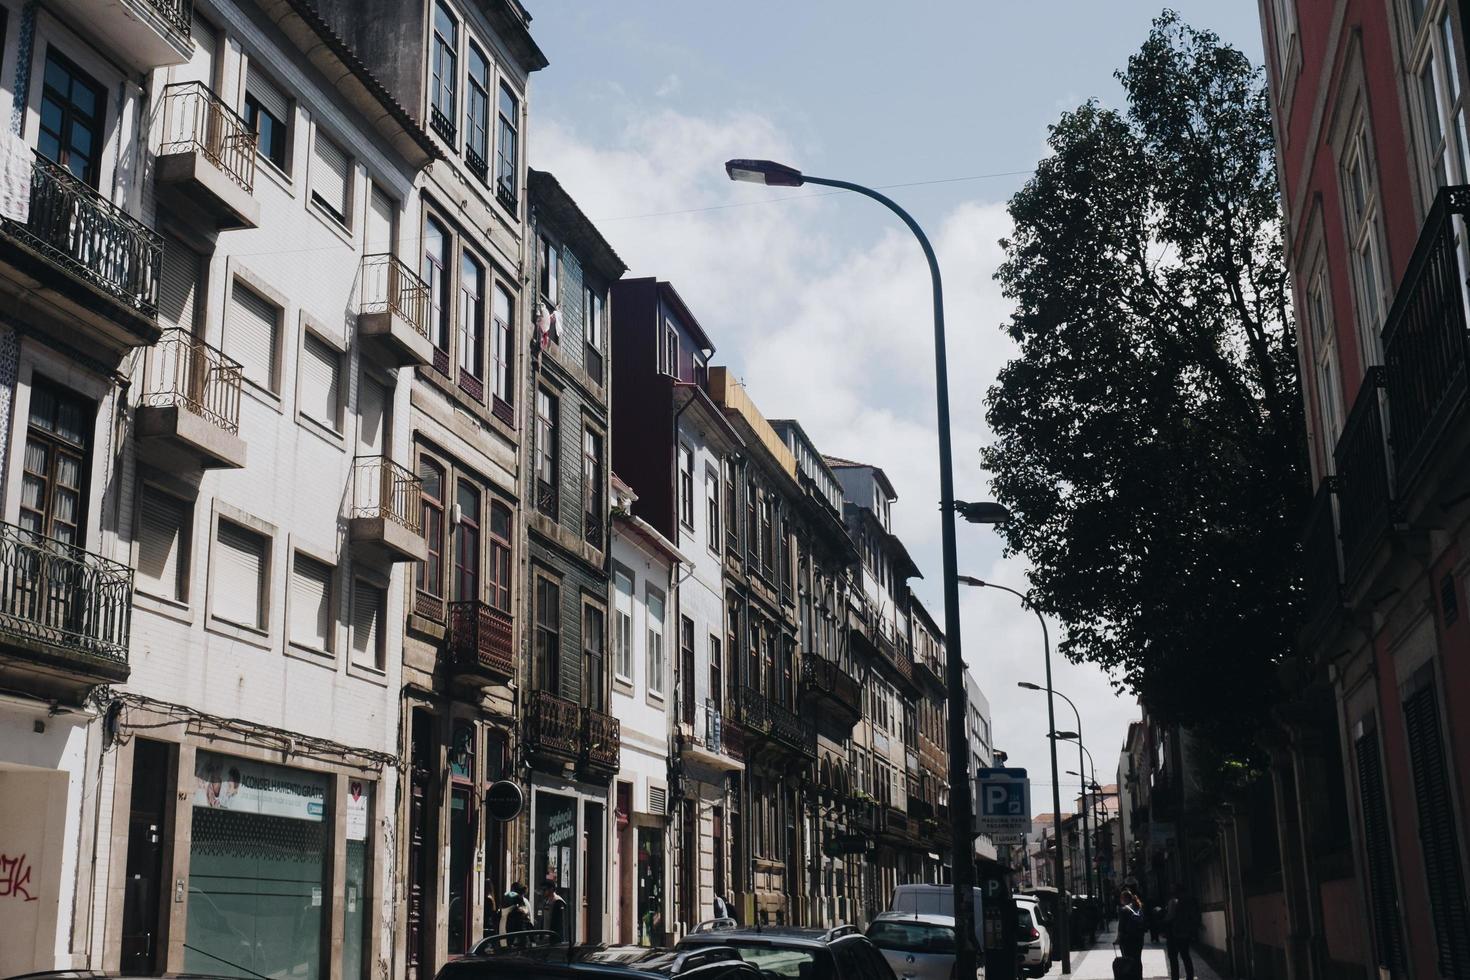 stadsbild utsikt över gatubelysning foto